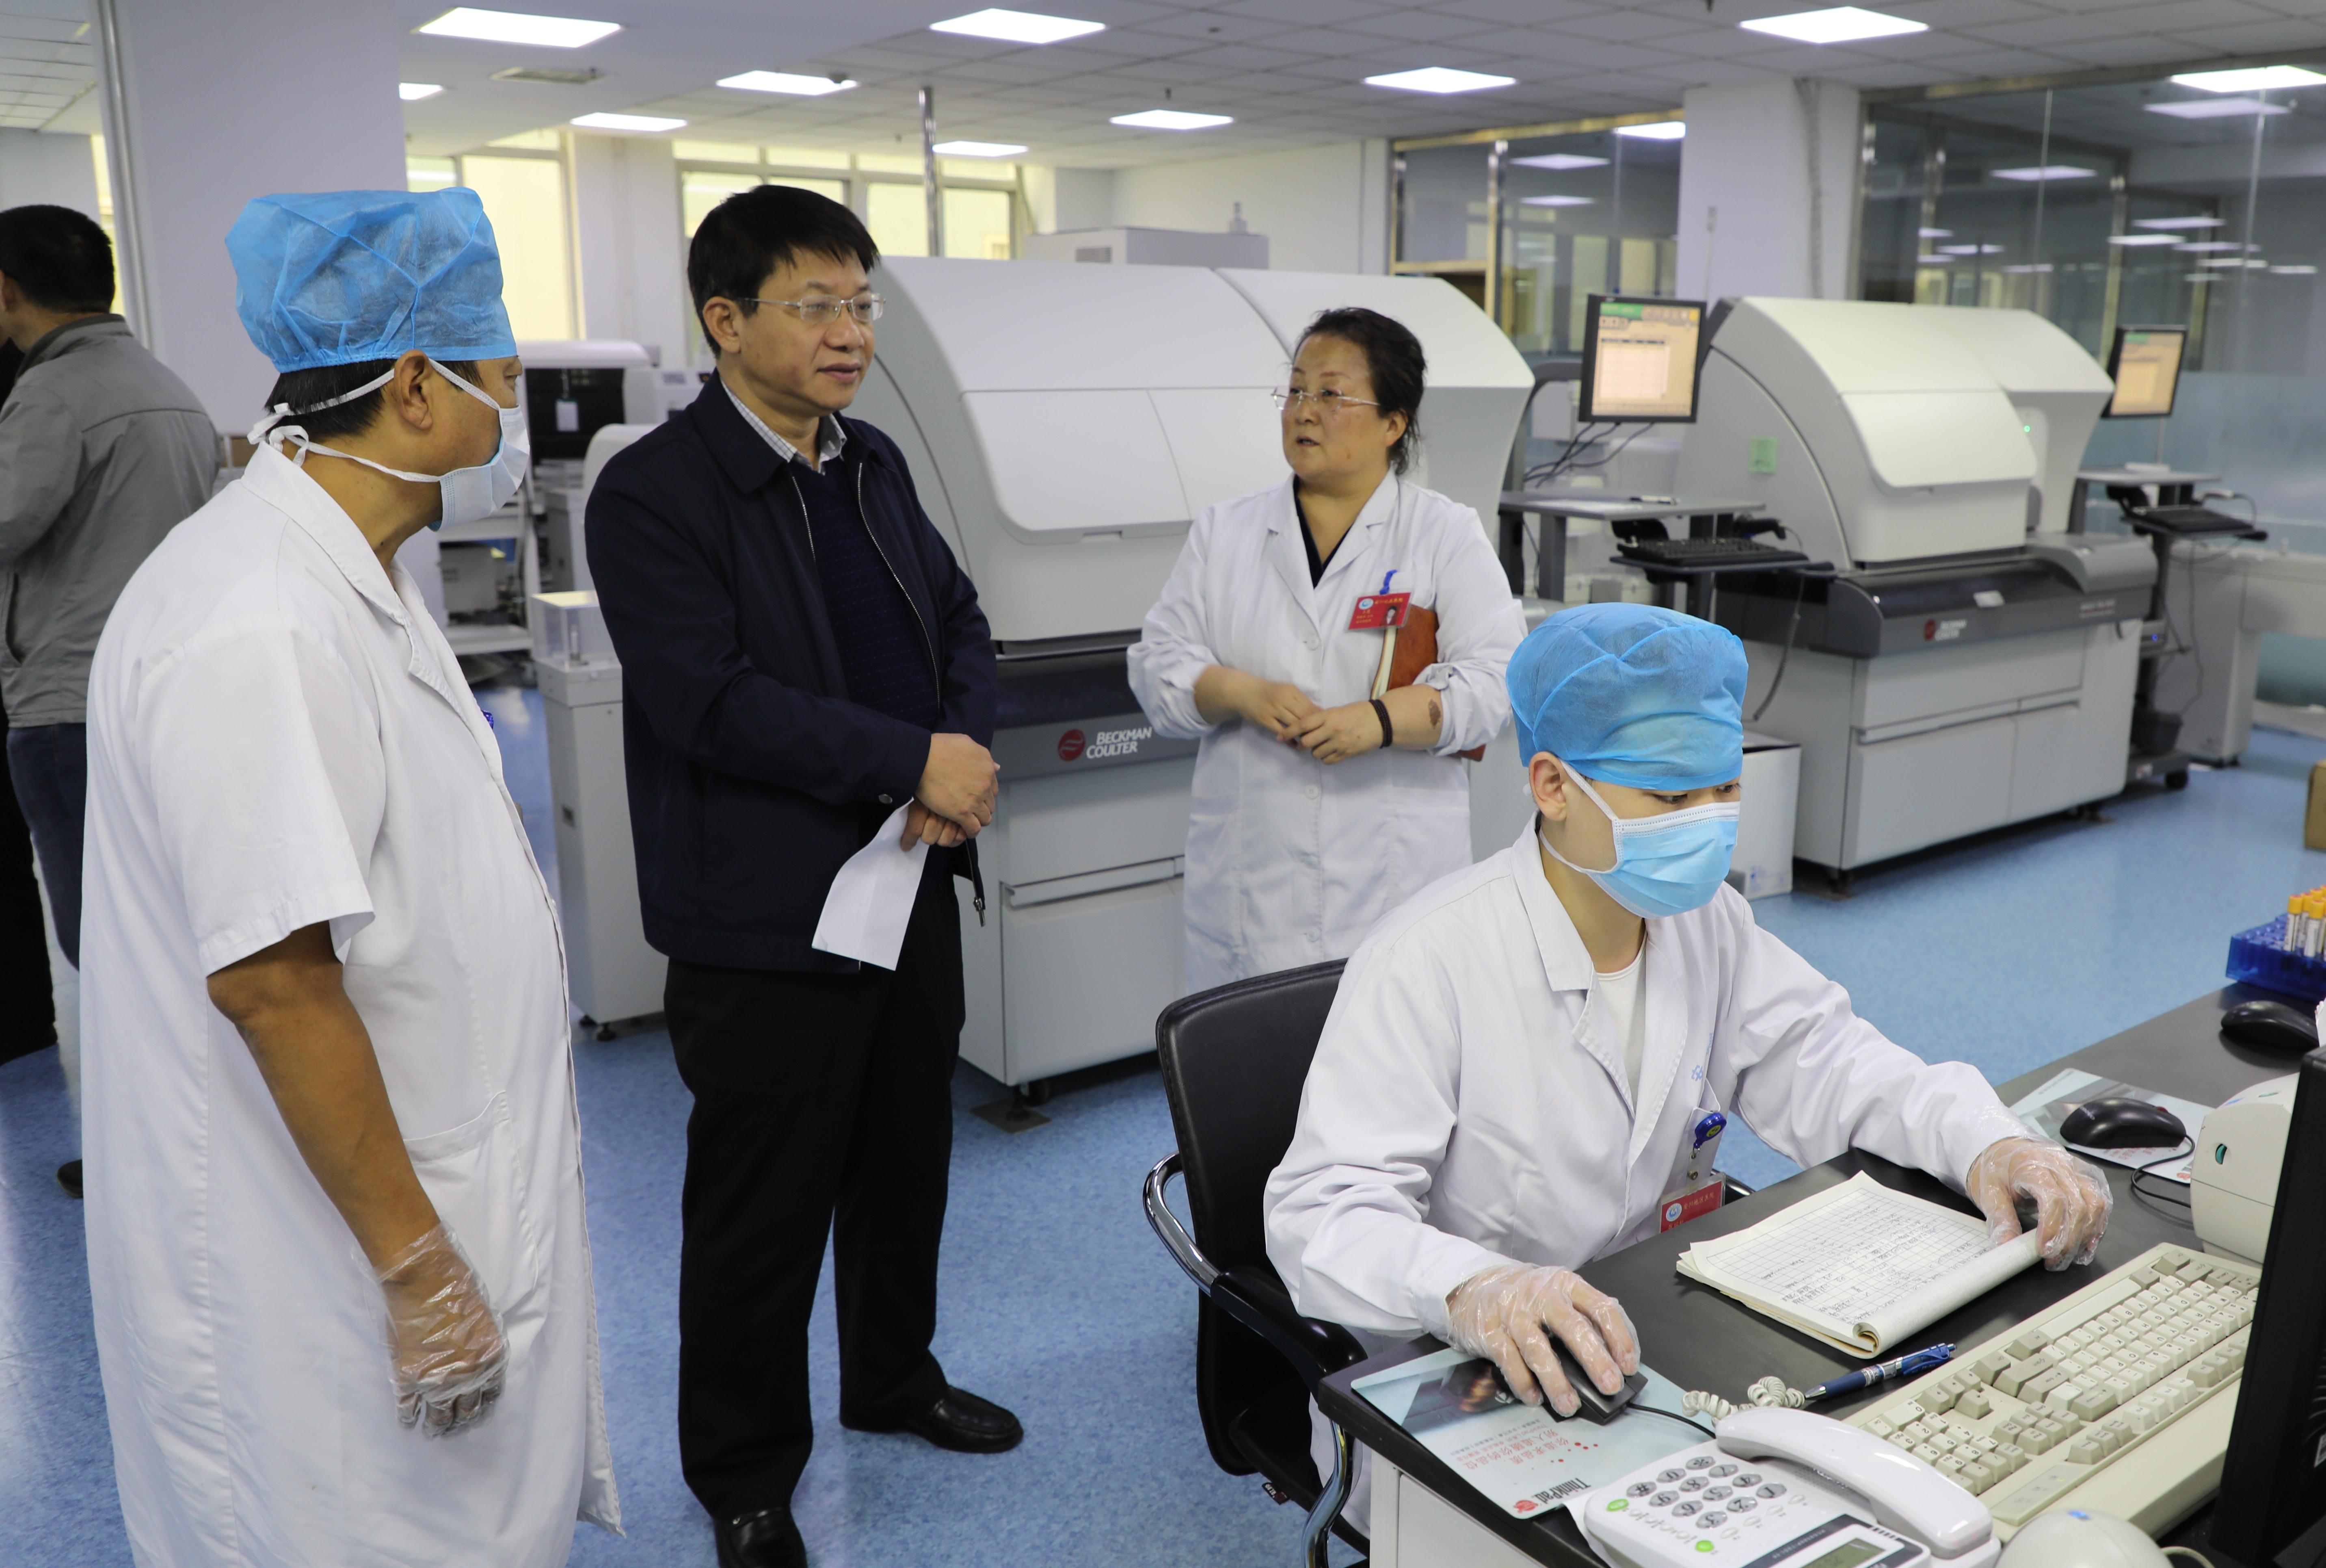 市安阳地区医院PCR实验室顺利通过省级验收